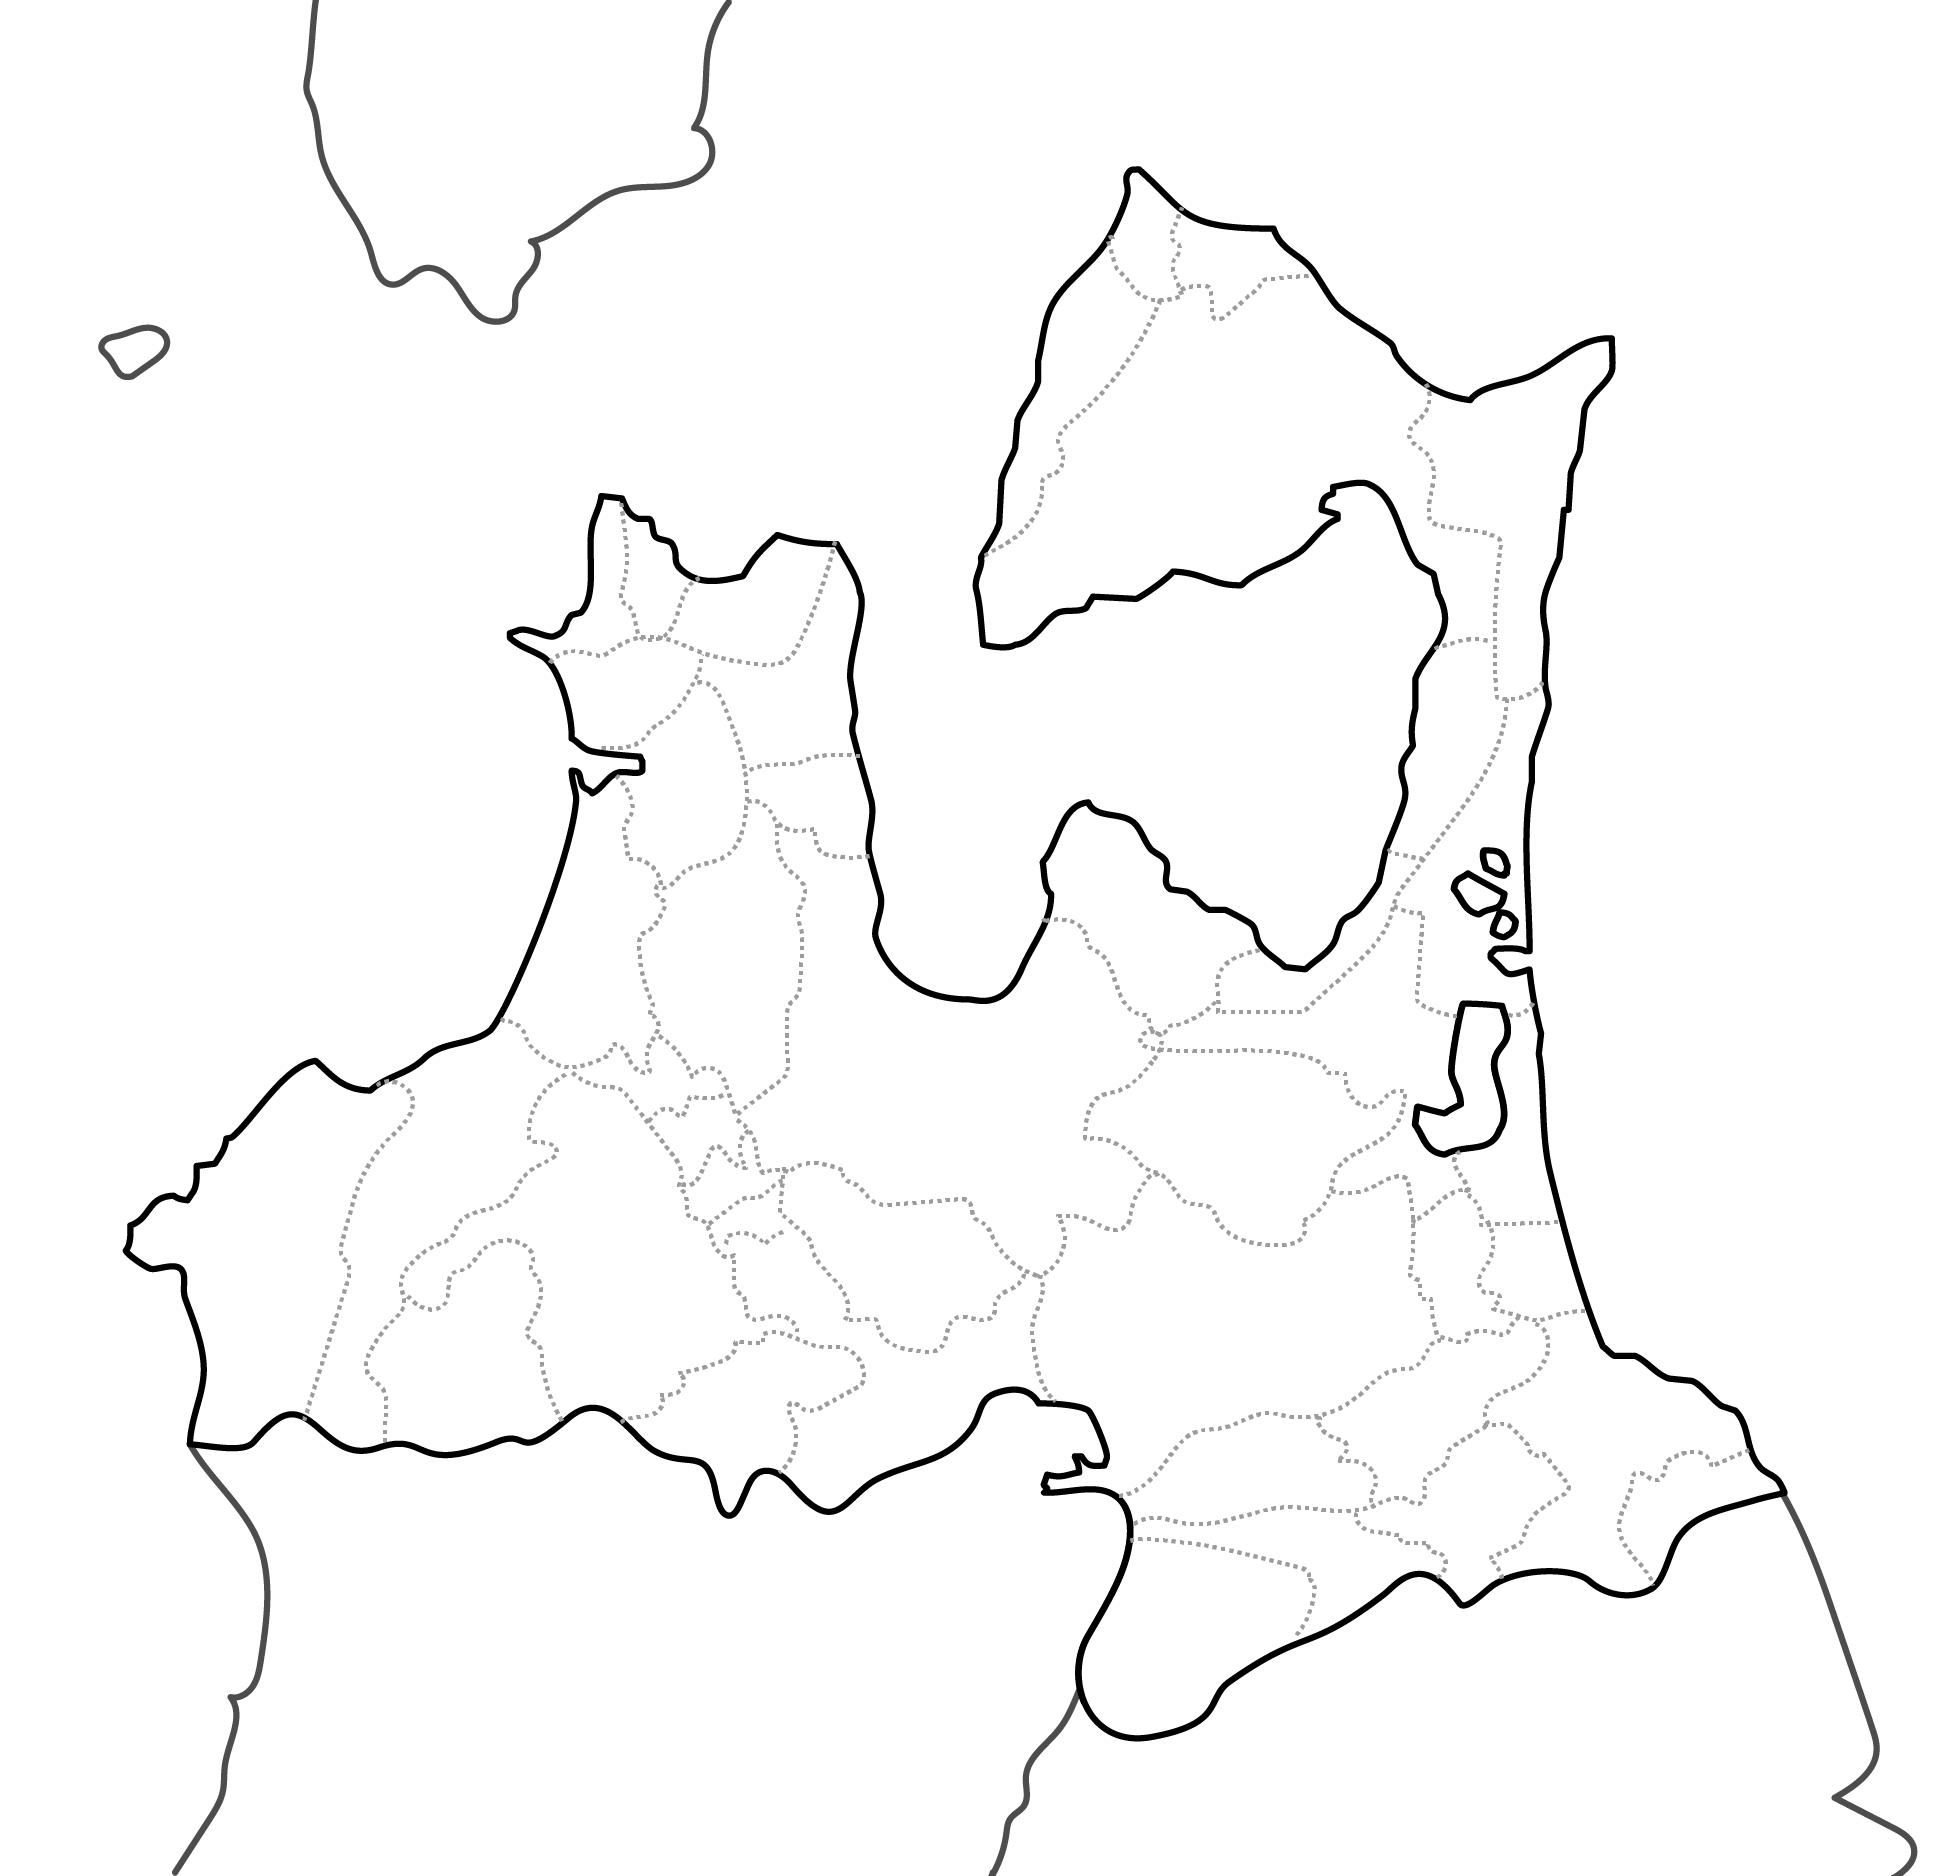 [白地図]青森県・ラインあり・市区町村名なし・隣県なし